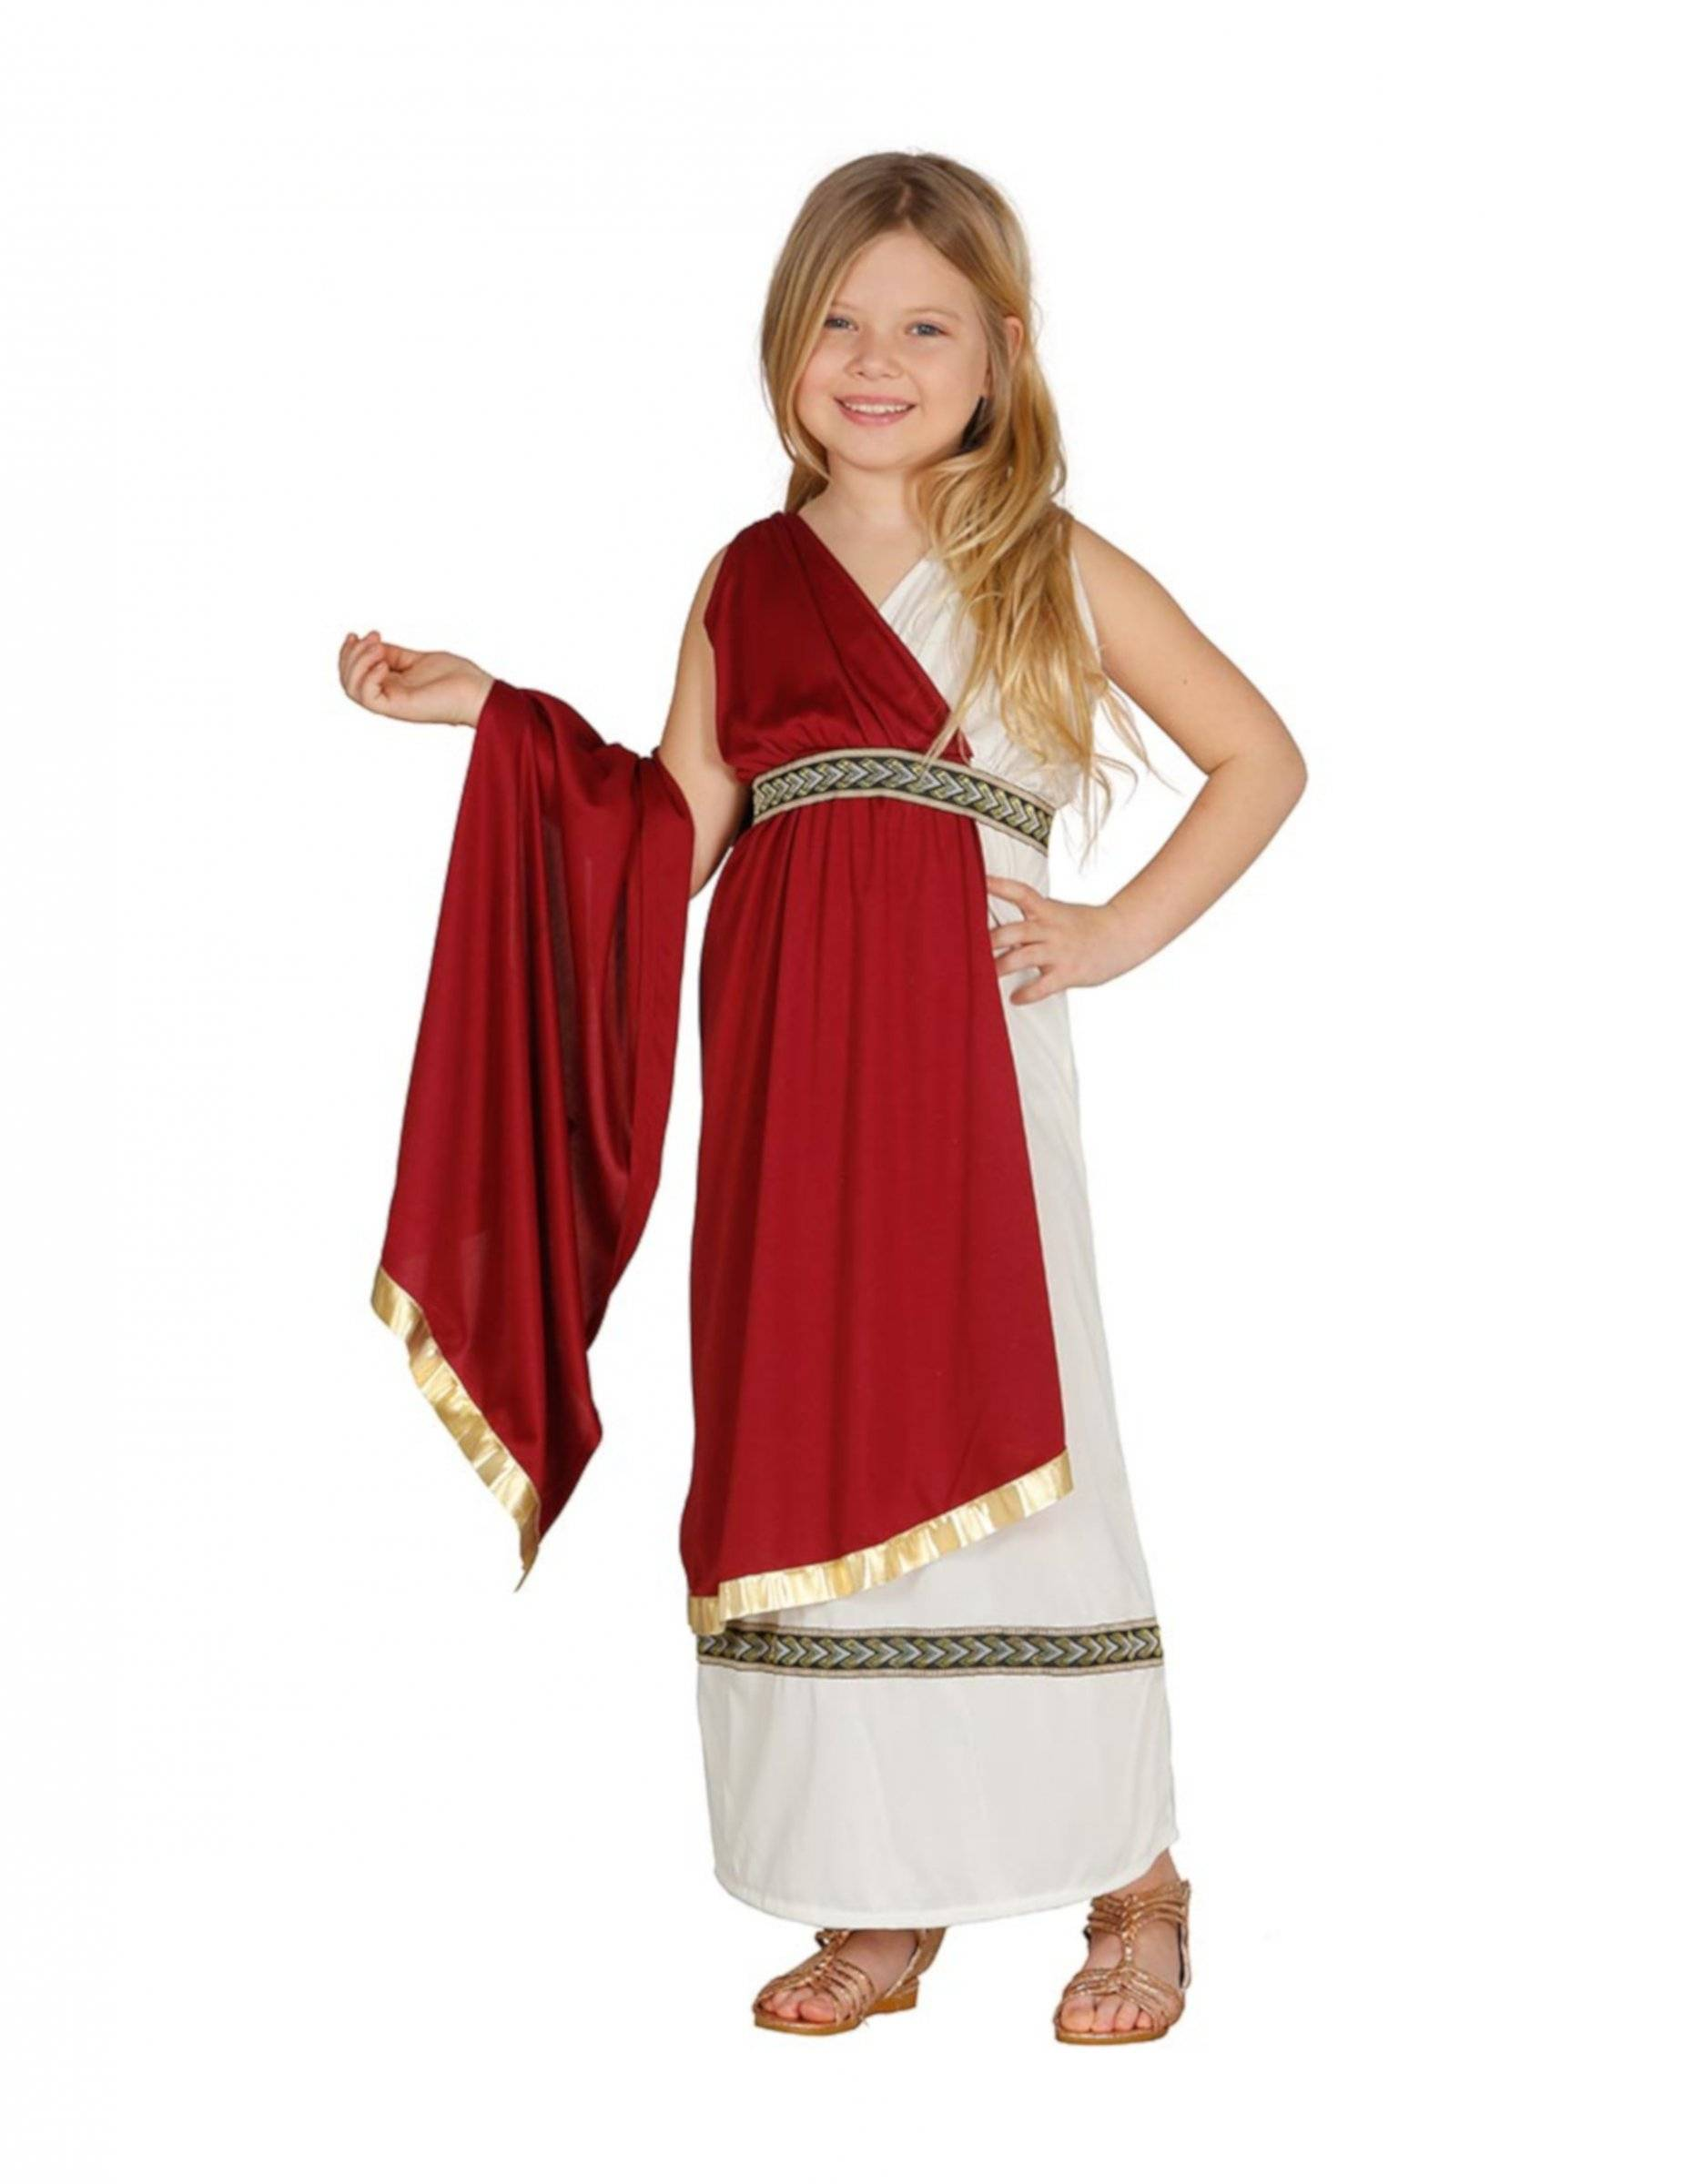 Deguisetoi Déguisement princesse romaine fille - Taille: 5 à 6 ans (110-115 cm)